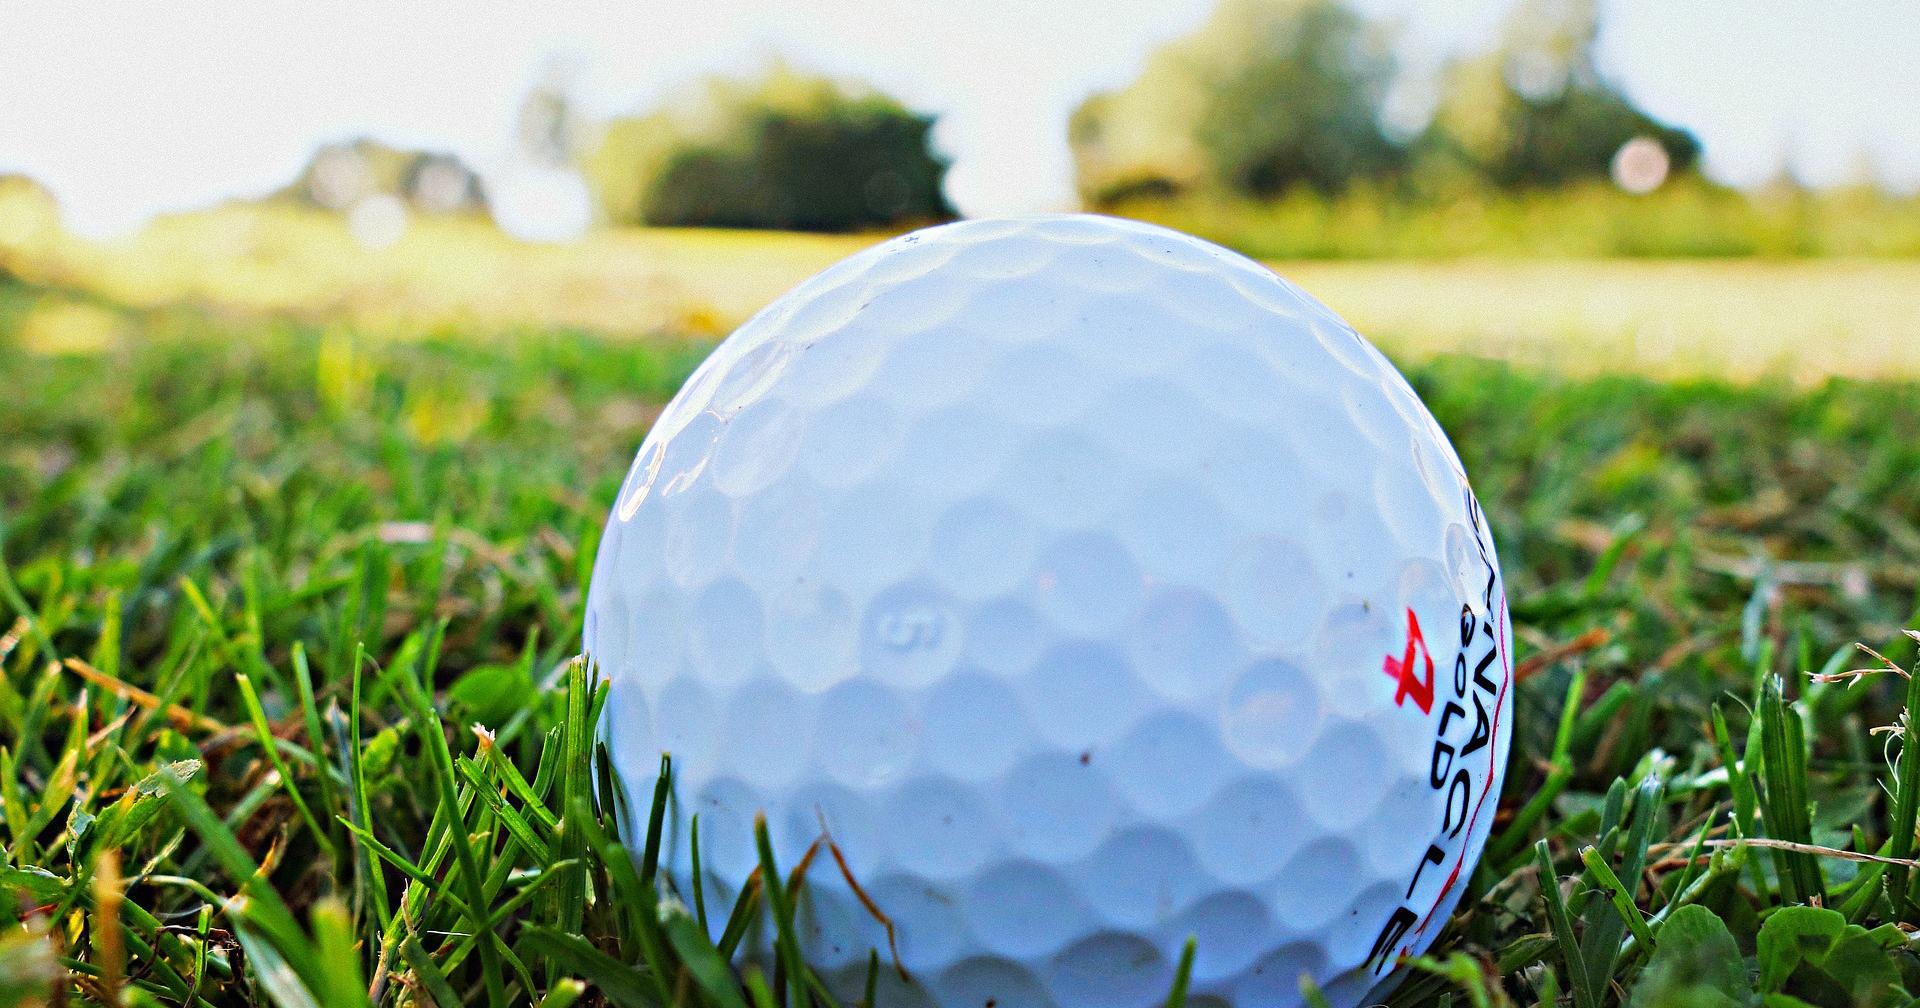 golf-ball-1605948_1920.jpg